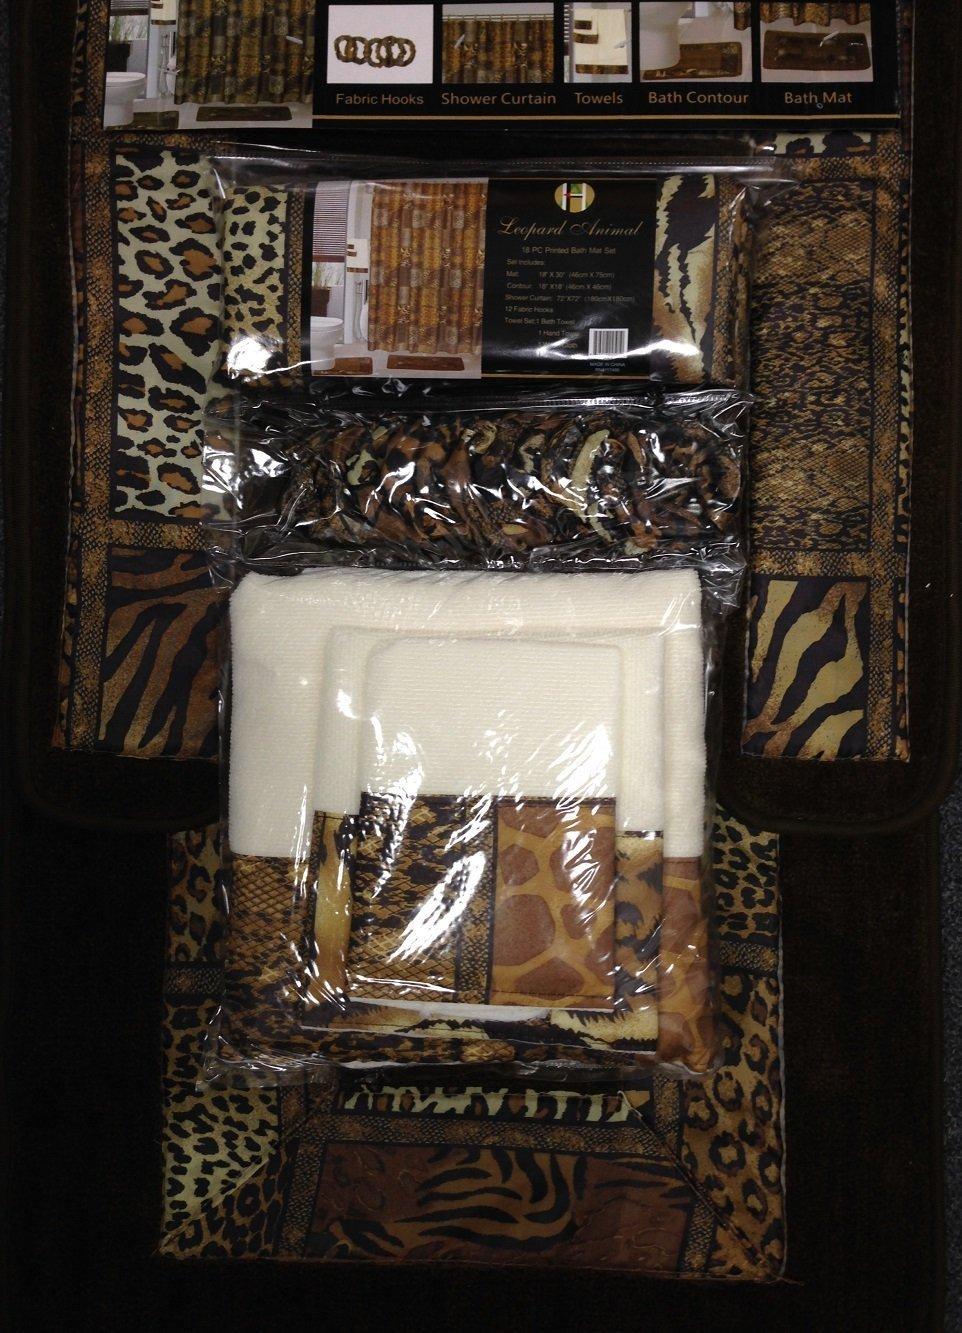 Leopard shower curtain - Amazon Com 18pcs Bath Rug Set Leopard Brown Bathroom Rug Shower Curtain Mat Rings Towel Set Home Kitchen